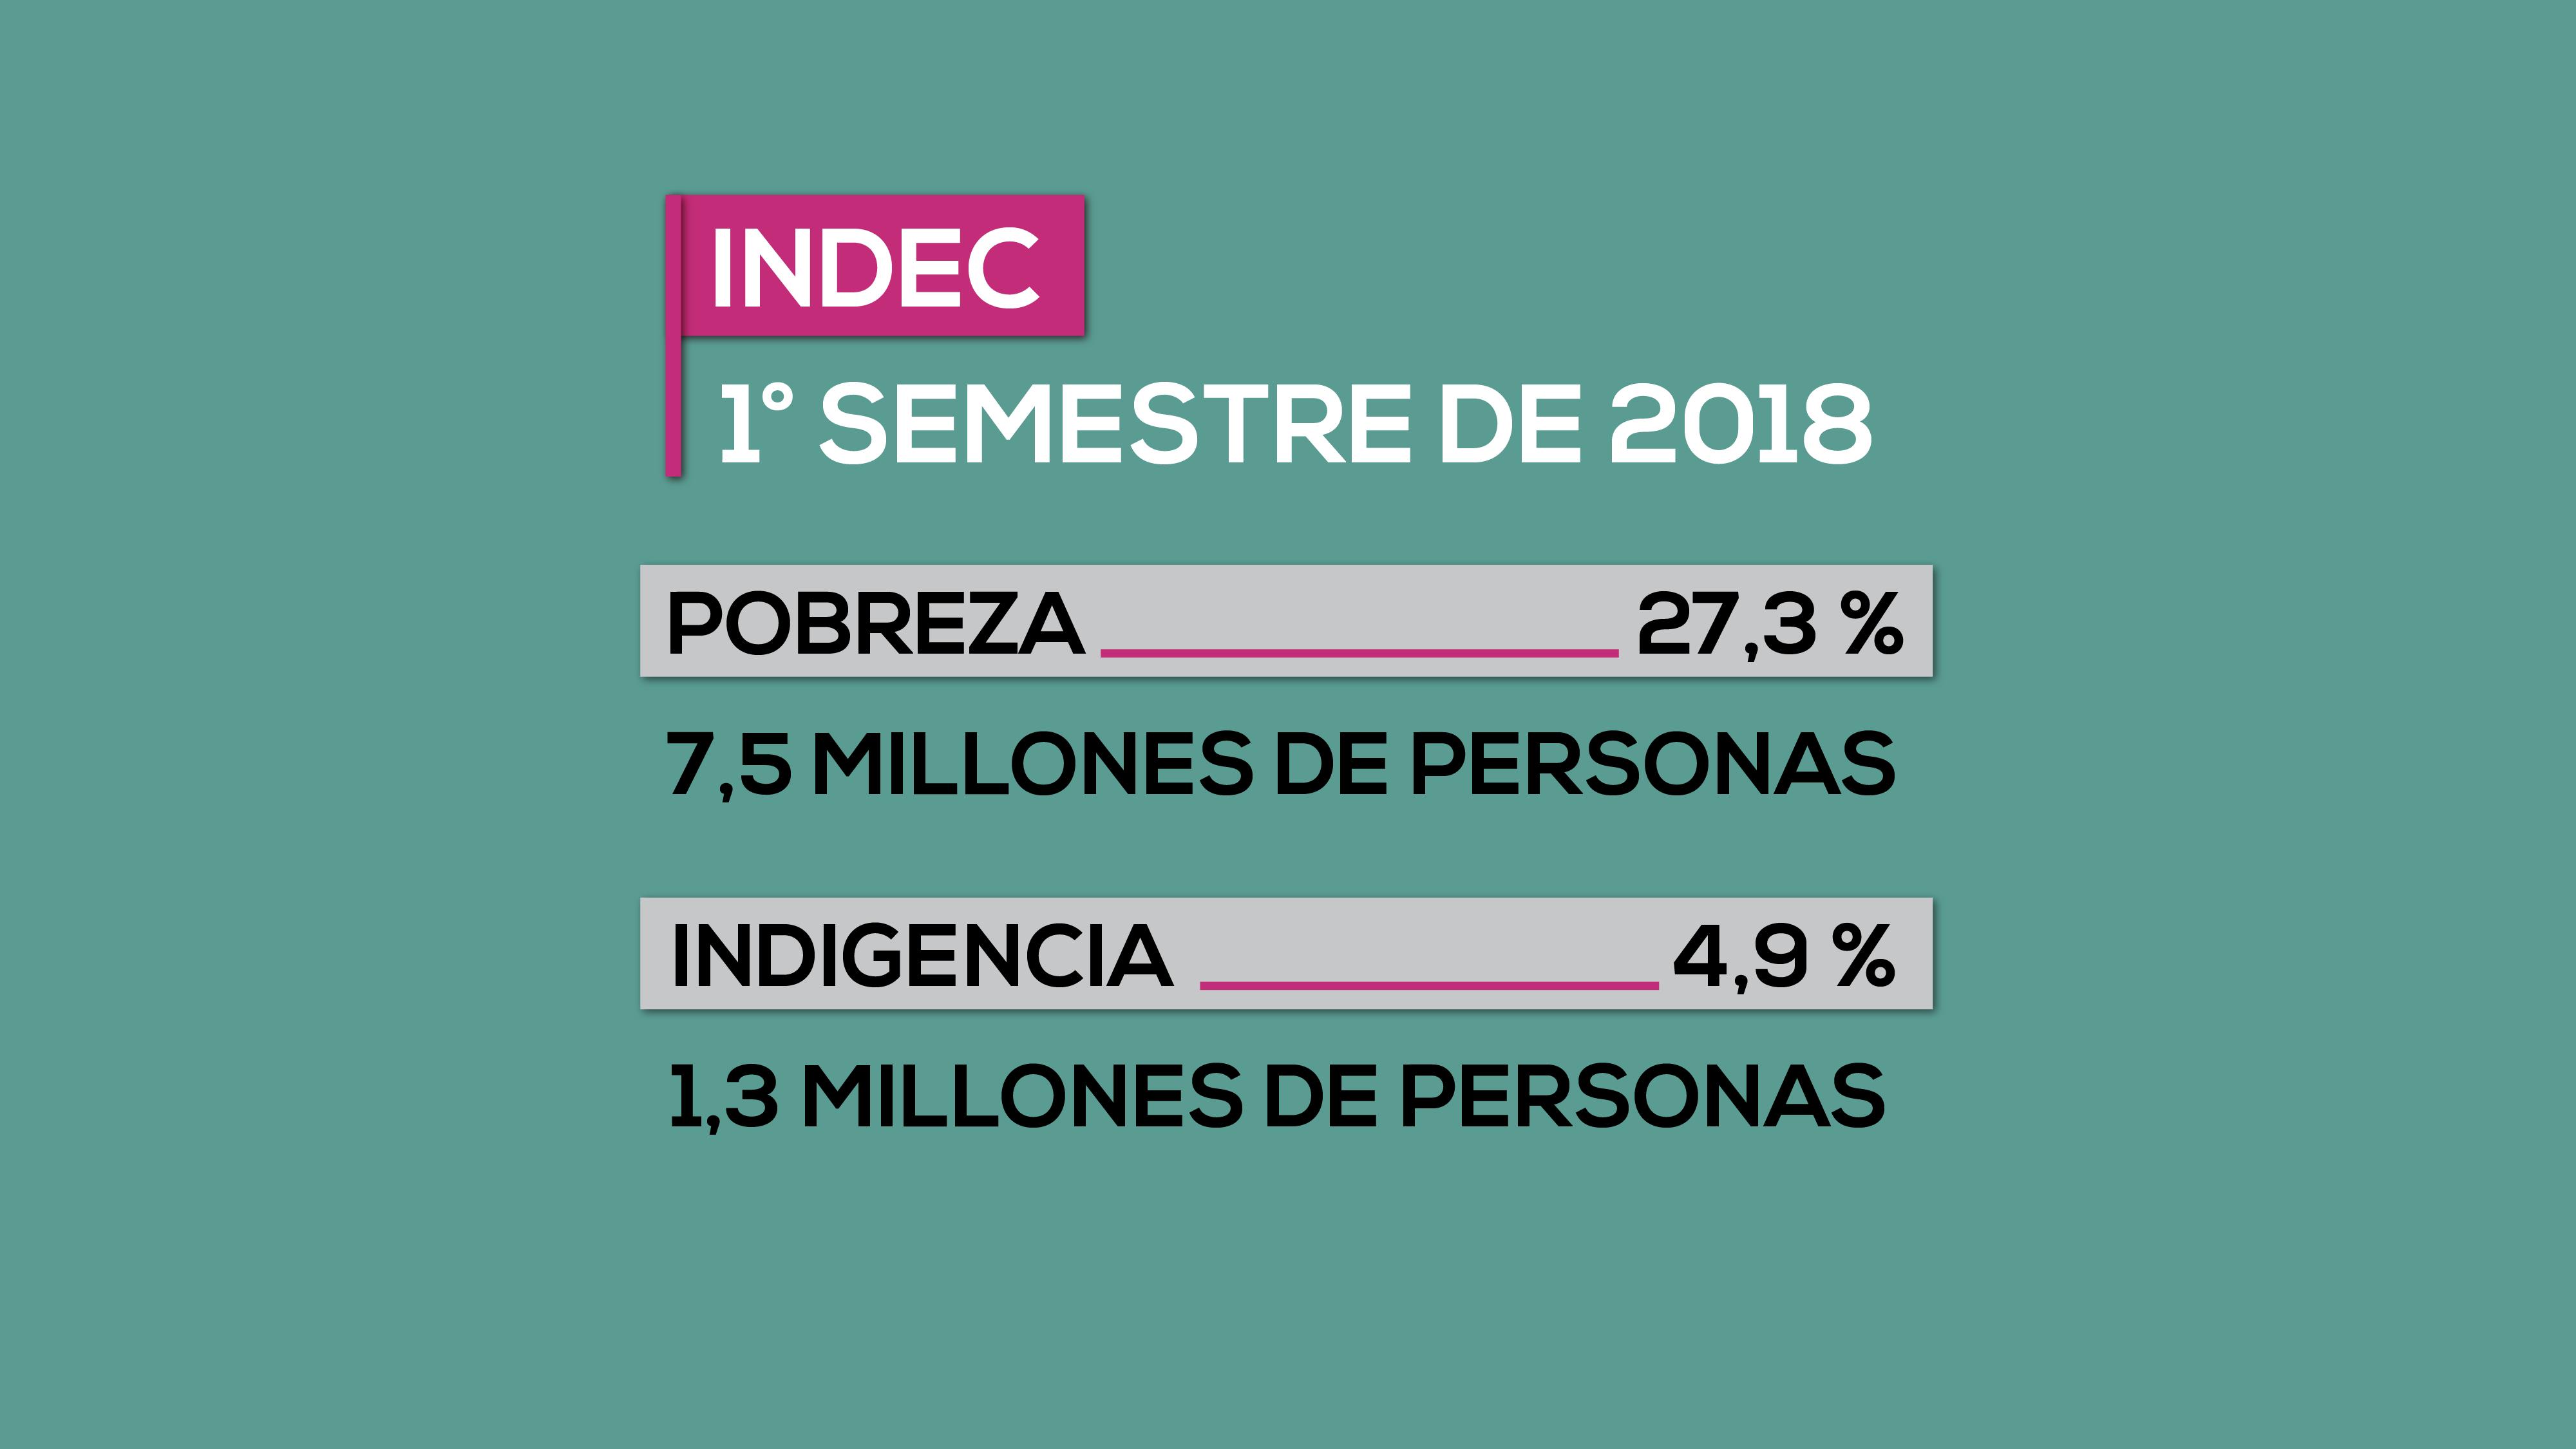 La pobreza aumentó y afecta al 27,3% de la población - Economía